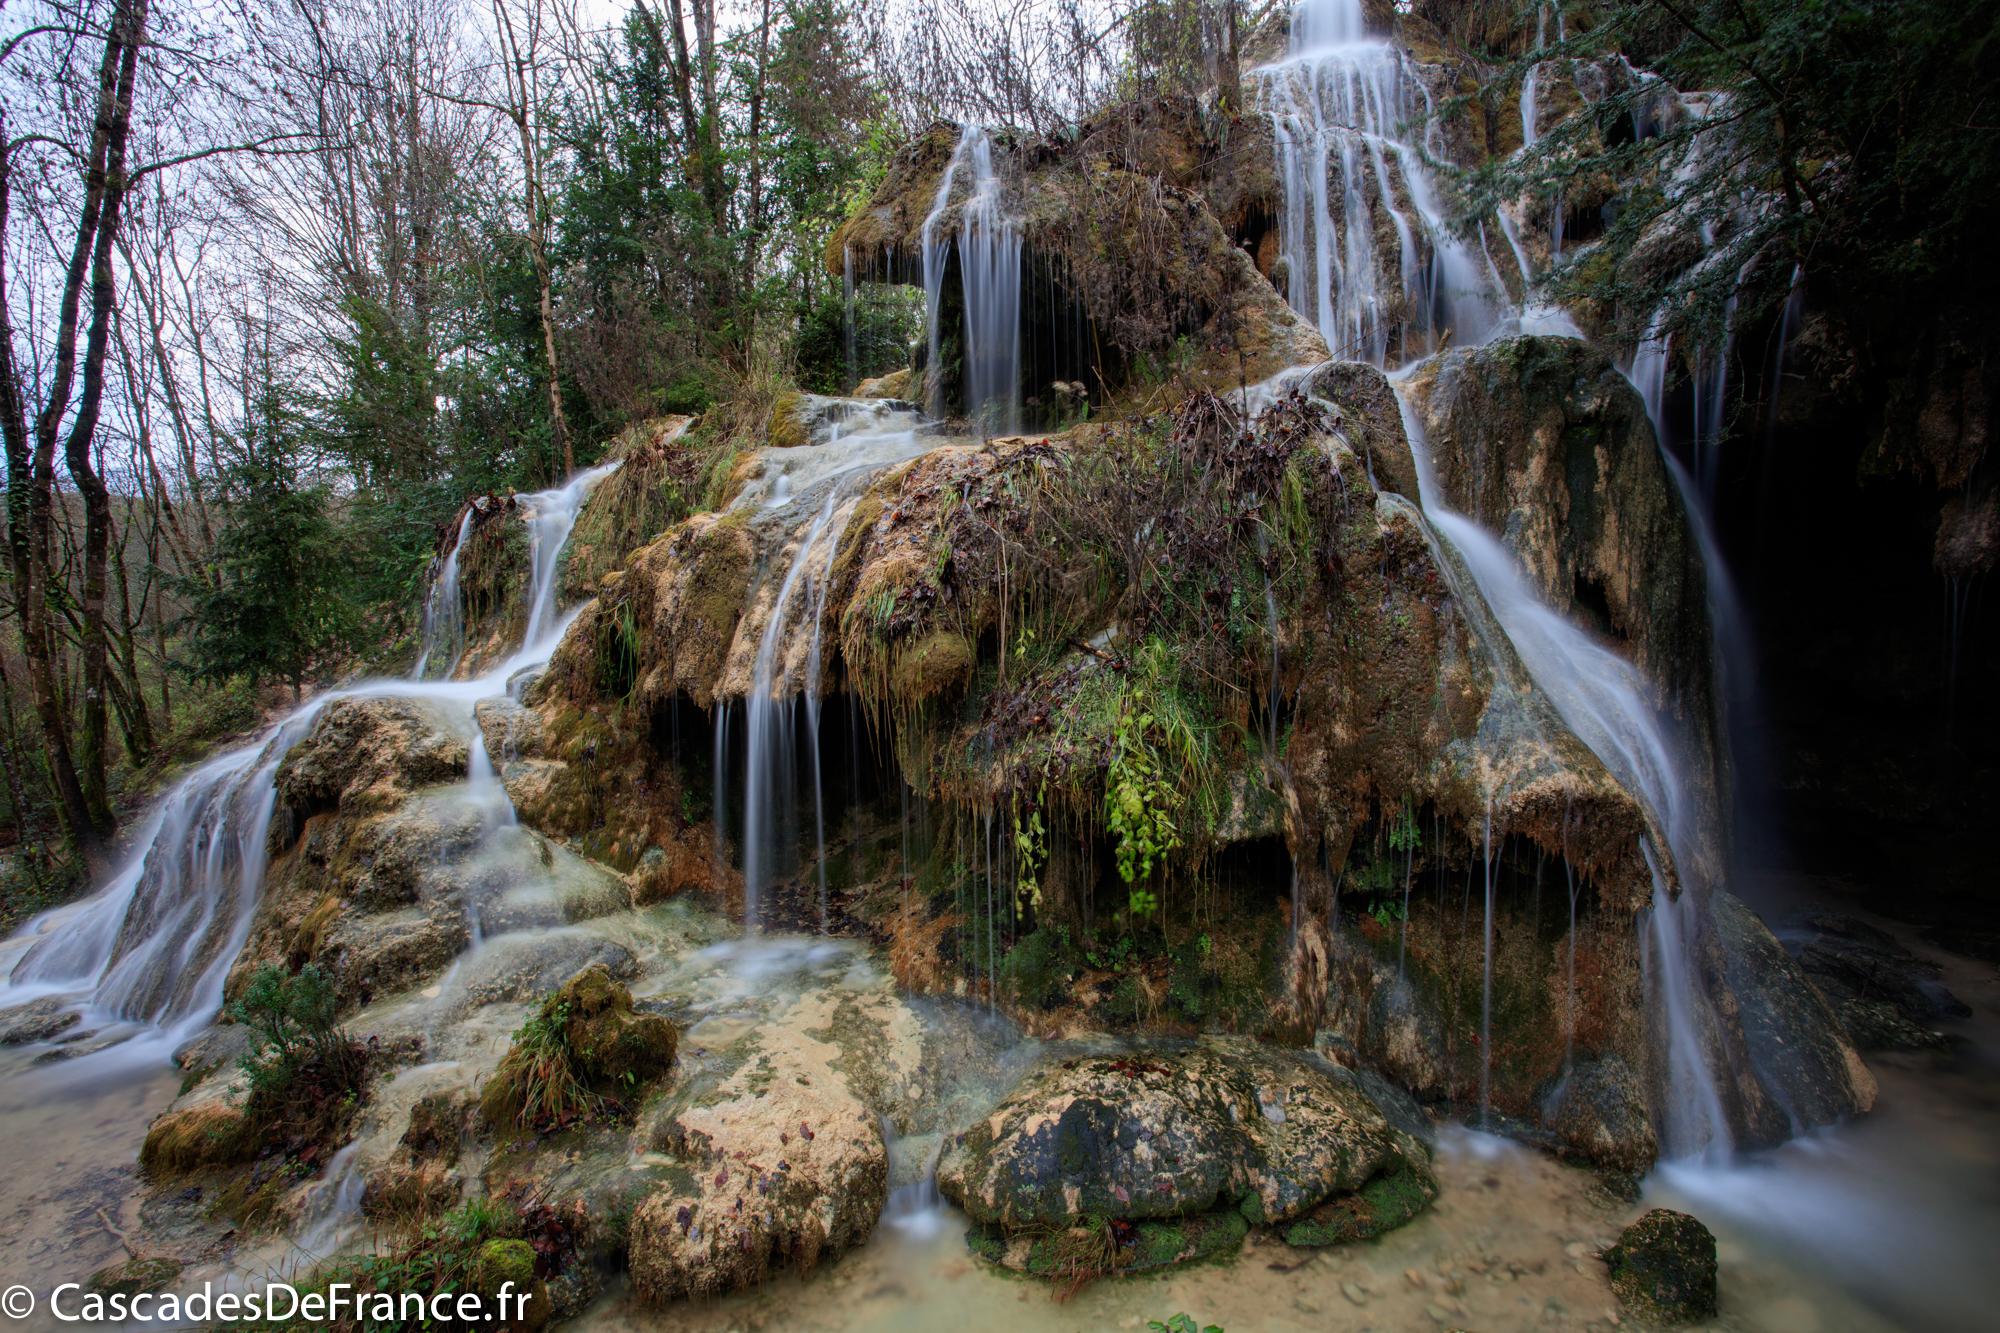 2I6A6154-1-cascade roquefort les cascades-cdf